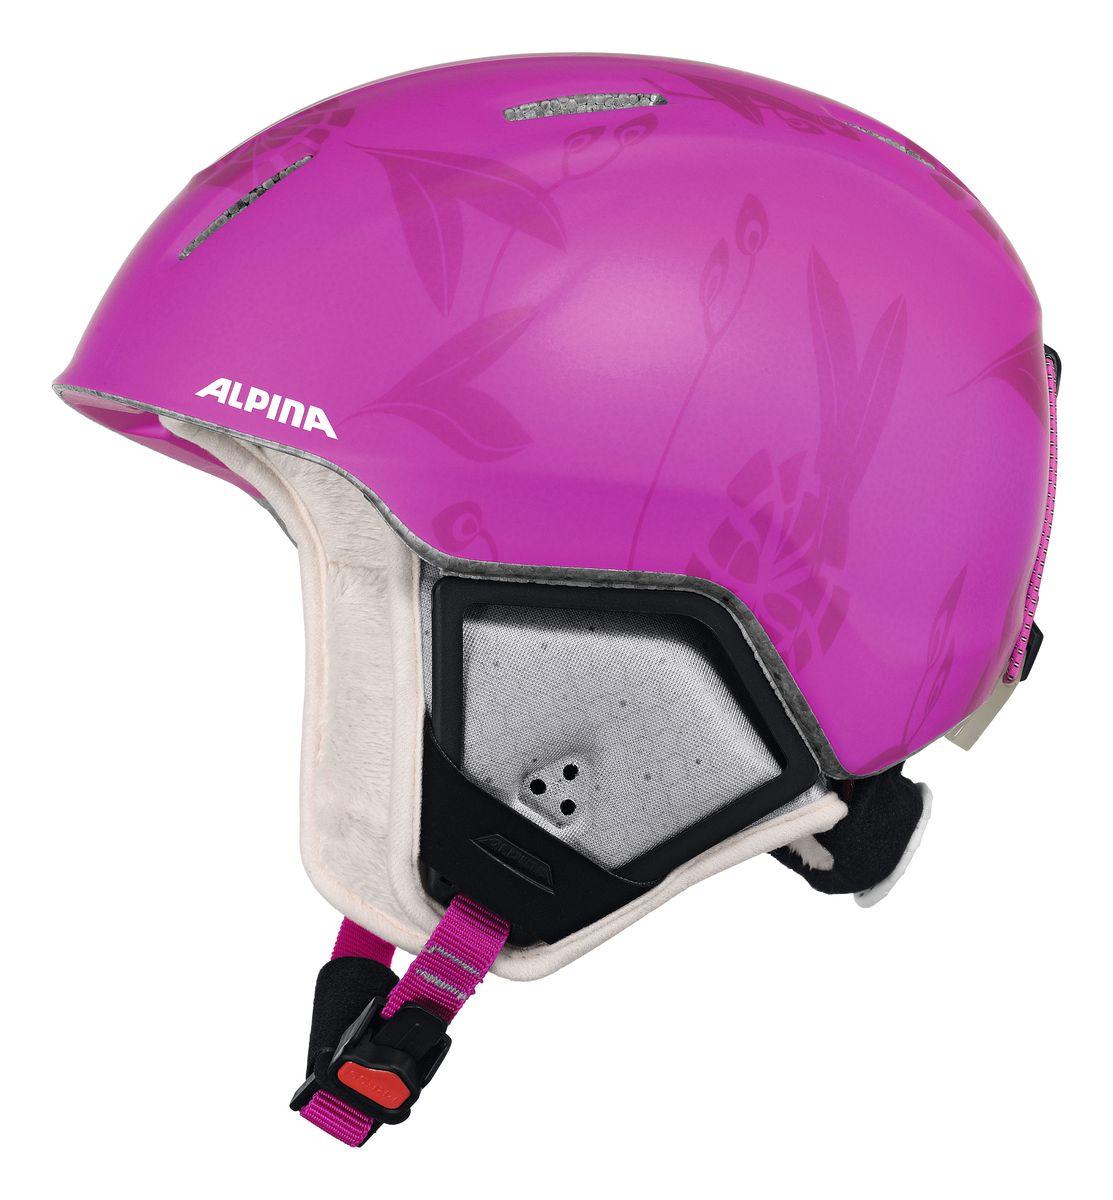 Шлем зимний Alpina Carat Xt, цвет: розовый. Размер 54-589080_53Особенности зимнего шлема Alpina Carat Xt: Вентиляционные отверстия препятствуют перегреву и позволяют поддерживать идеальную температуру внутри шлема. Для этого инженеры Alpina используют эффект Вентури, чтобы сделать циркуляцию воздуха постоянной и максимально эффективной.Внутренник шлема легко вынимается, стирается, сушится и вставляется обратно. Из задней части шлема можно достать шейный утеплитель из мякого микро-флиса. Этот теплый воротник также защищает шею от ударов на высокой скорости и при сибирских морозах. В удобной конструкции отсутствуют точки давления на шею. Прочная и лёгкая конструкция In-mold Inmould - технология, при которой внутренняя оболочка из EPS (вспененного полистирола) покрыта поликарбонатом. Внешняя тонкая жесткая оболочка призвана распределить энергию от удара по всей площади шлема, защитить внутреннюю часть от проникновения острых осколков и сохранить ее форму. Внутренняя толстая мягкая оболочка демпфирует ударную энергию, предохраняя головной мозг от ударов. Такой шлем наиболее легкий и подходит большинству горнолыжников, не бросающих вызов судьбе в поисках адреналина. Тонкая и прочная поликарбонатная оболочка под воздействием высокой температуры и давления буквально сплавляется с гранулами EPS. Вспенивающийся полистирол (ПСВ) являлся изоляционным полимерным материалом. Каждая гранула состоит из равномерно распределенных микроскопических плотных клеток заполненных воздухом. Пенополистирол на 98% состоит из воздуха и только на 2% из полистирола. Такая структура и придает замечательные свойства материалу, получившему заслуженное признание во всем мире. Прочность пенополистирола позволяет применять его в качестве конструктивного элемента, способного нести значительные нагрузки в течение длительного времени. Пенополистирол не гигроскопичен, он обладает хорошими механическими и изоляционными свойствами и значительной конструкционной гибкостью, которые гасят ударную нагрузку.Внут